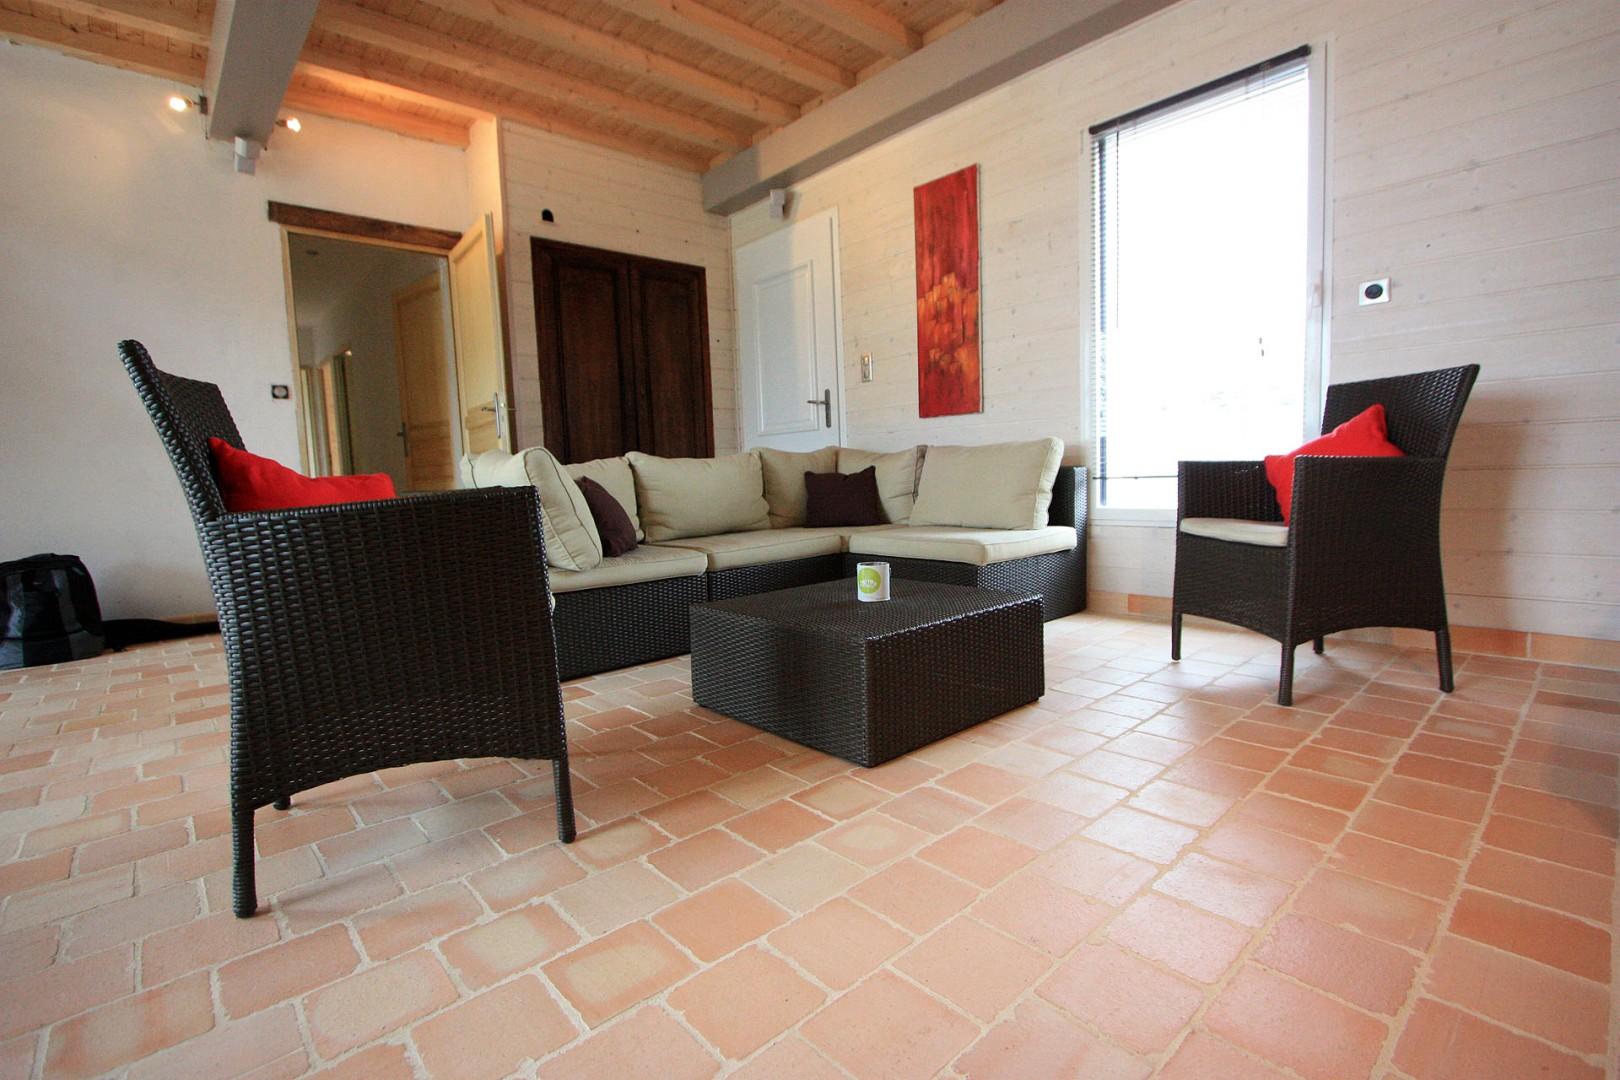 carreaux patrimoines les terres cuites gillaizeaules. Black Bedroom Furniture Sets. Home Design Ideas